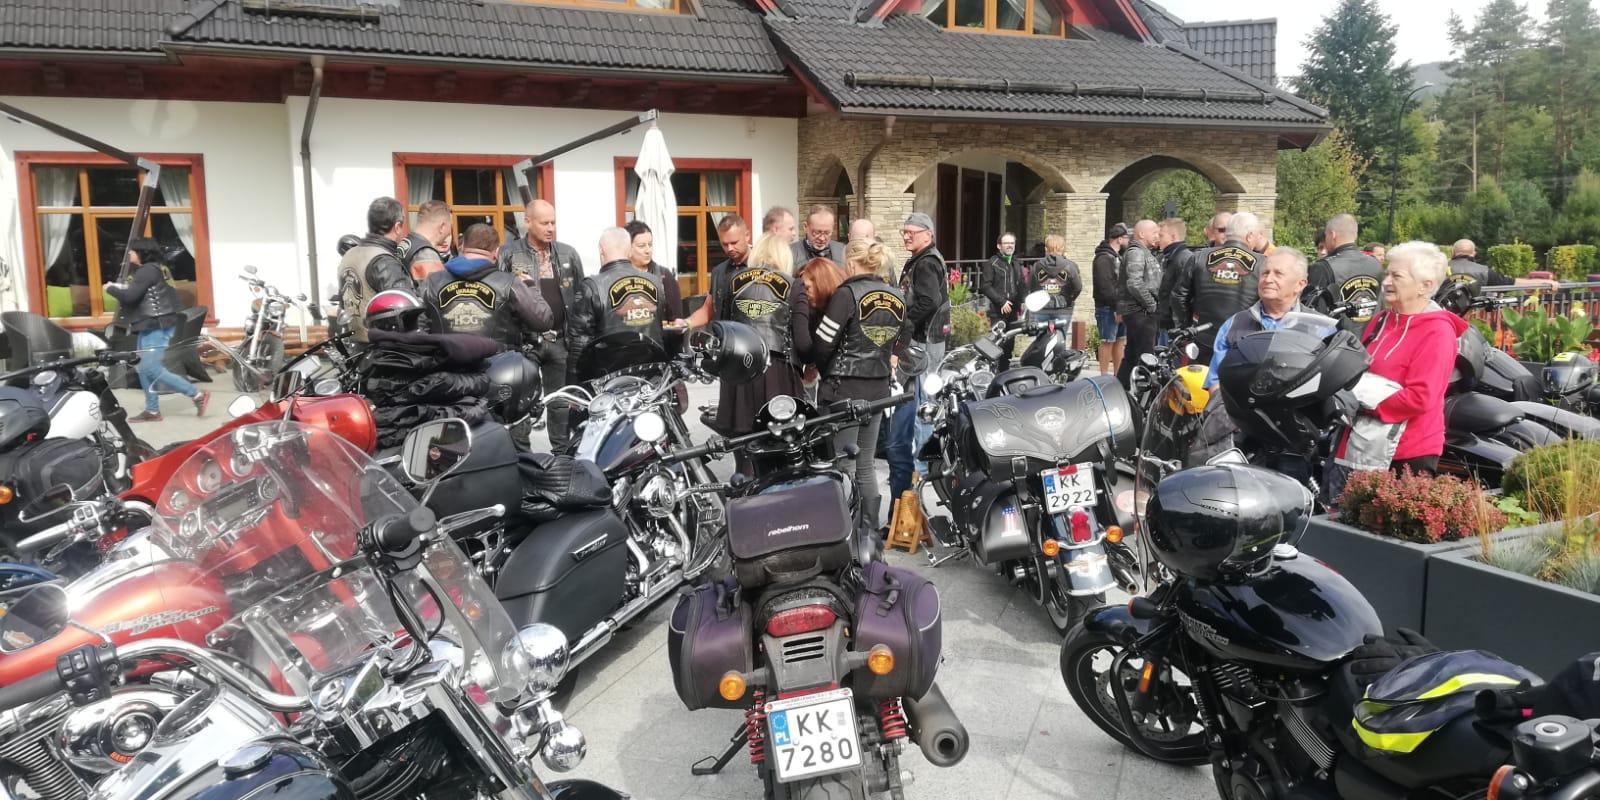 Pokaz motocykli Harley Davidson w Czarnym Groniu [FOTO]